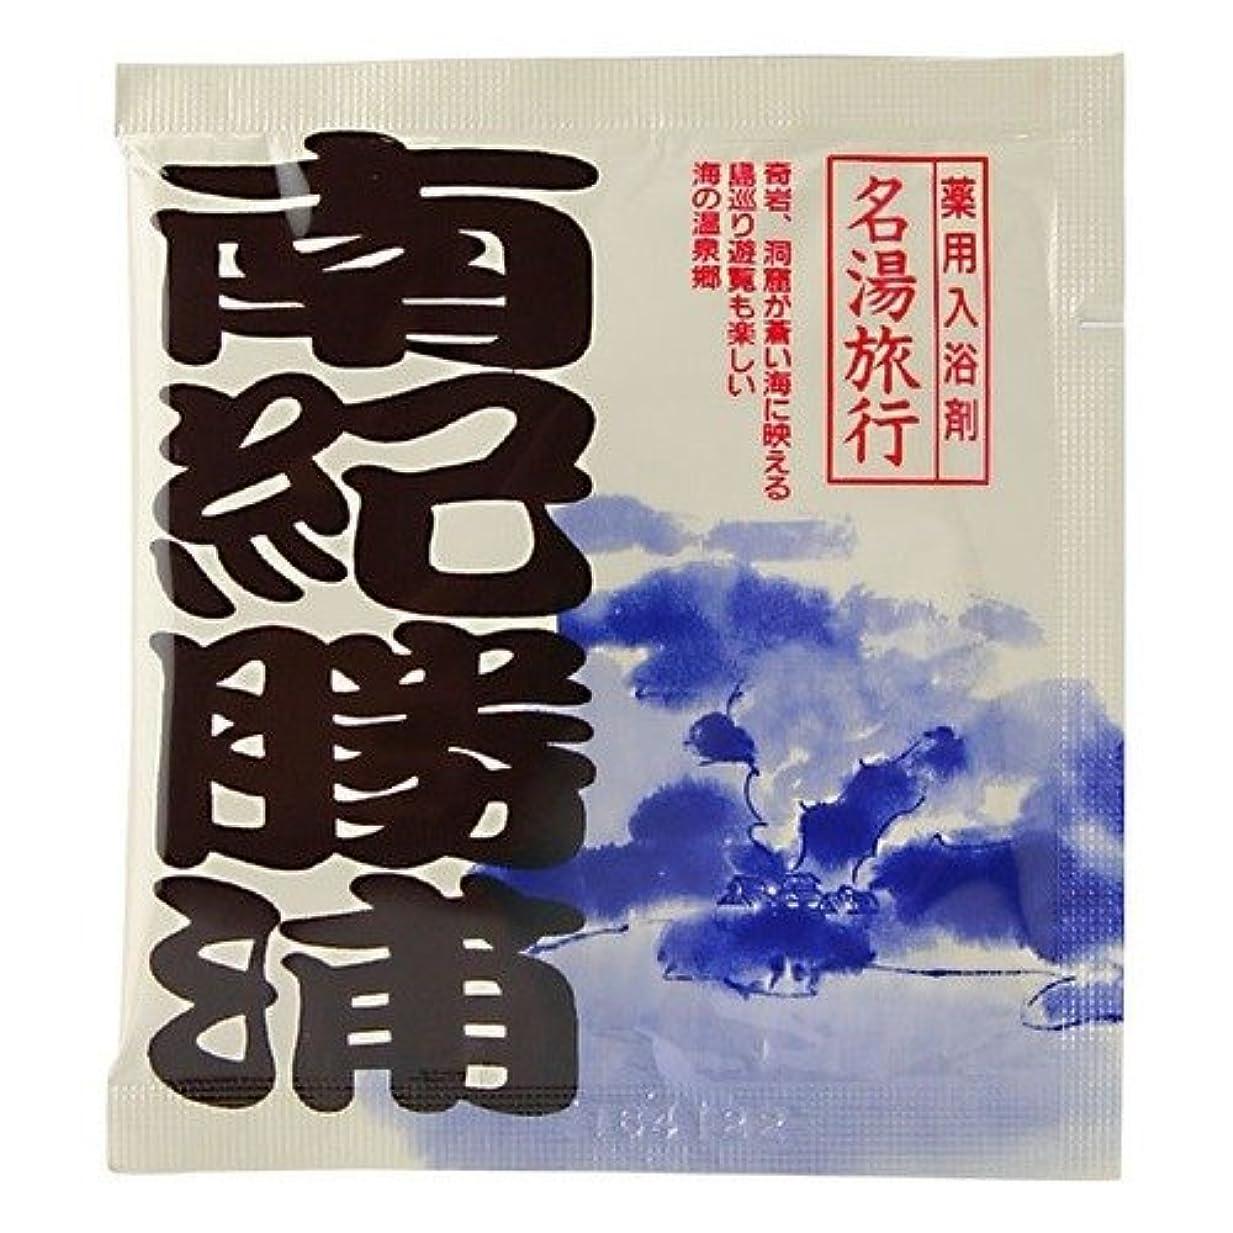 エリート冷淡な歌う五洲薬品 名湯旅行 南紀勝浦 25g 4987332126737